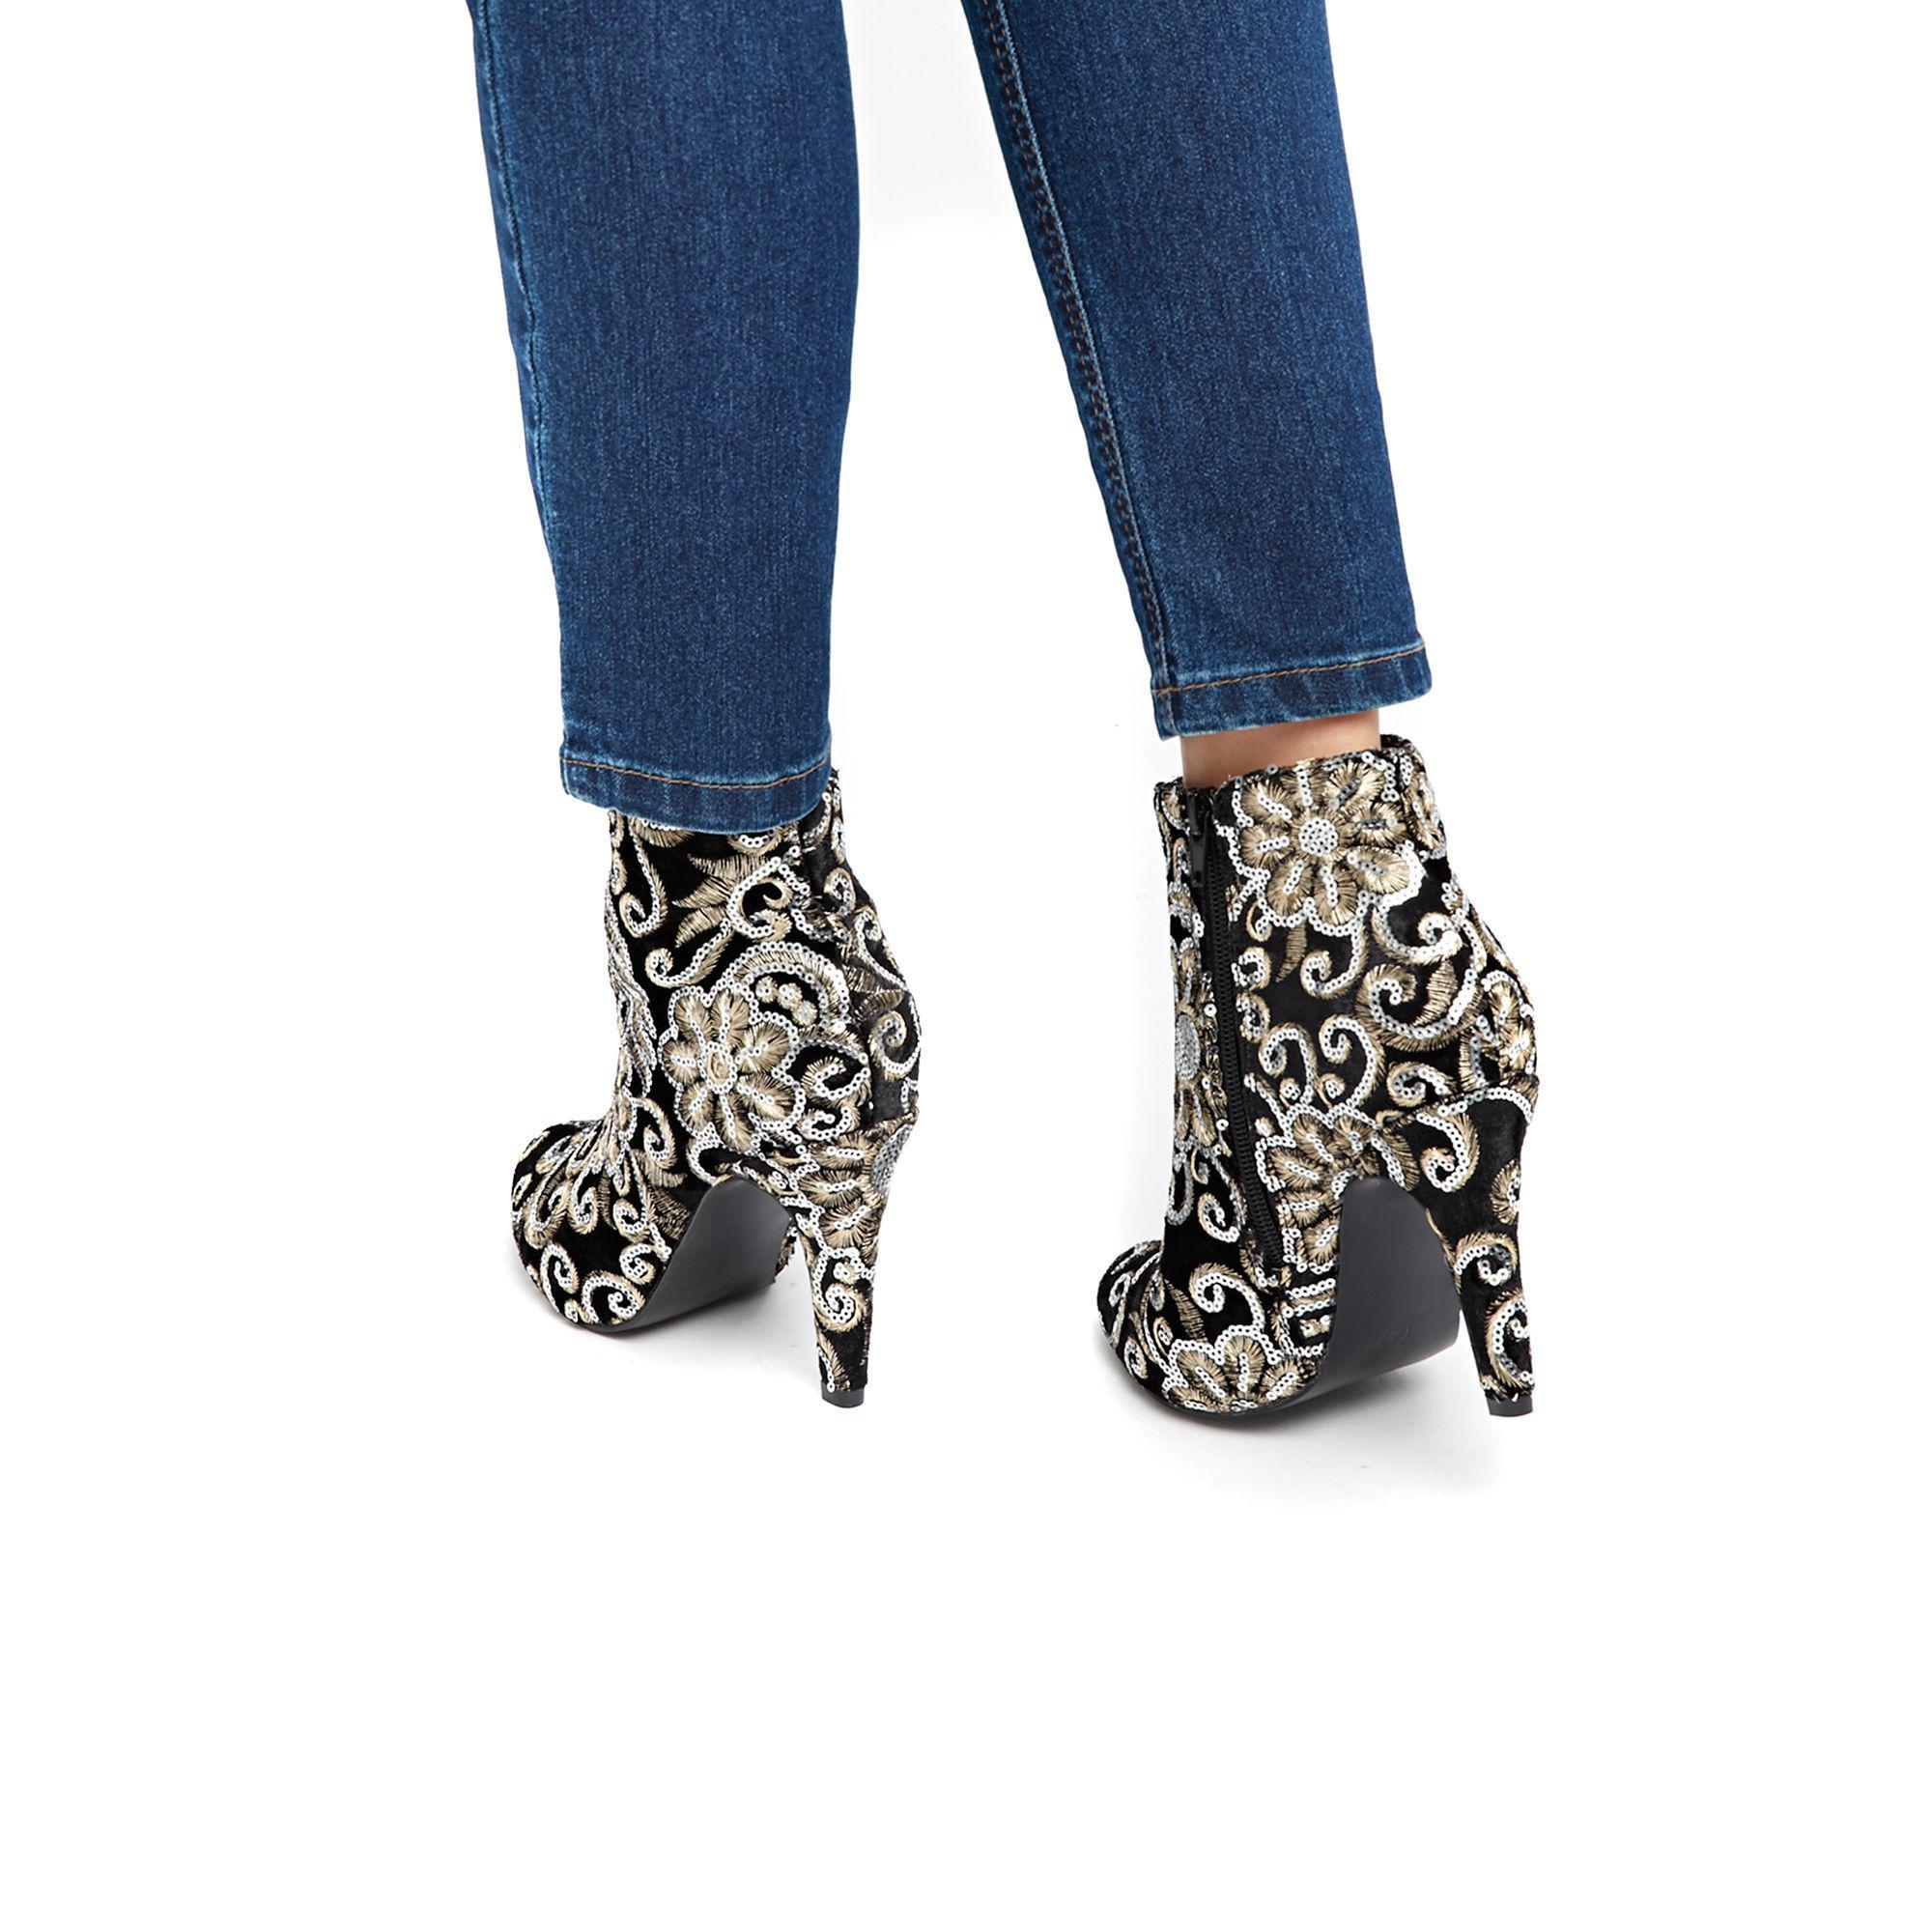 Wallis Denim Black Patterned Ankle Boots